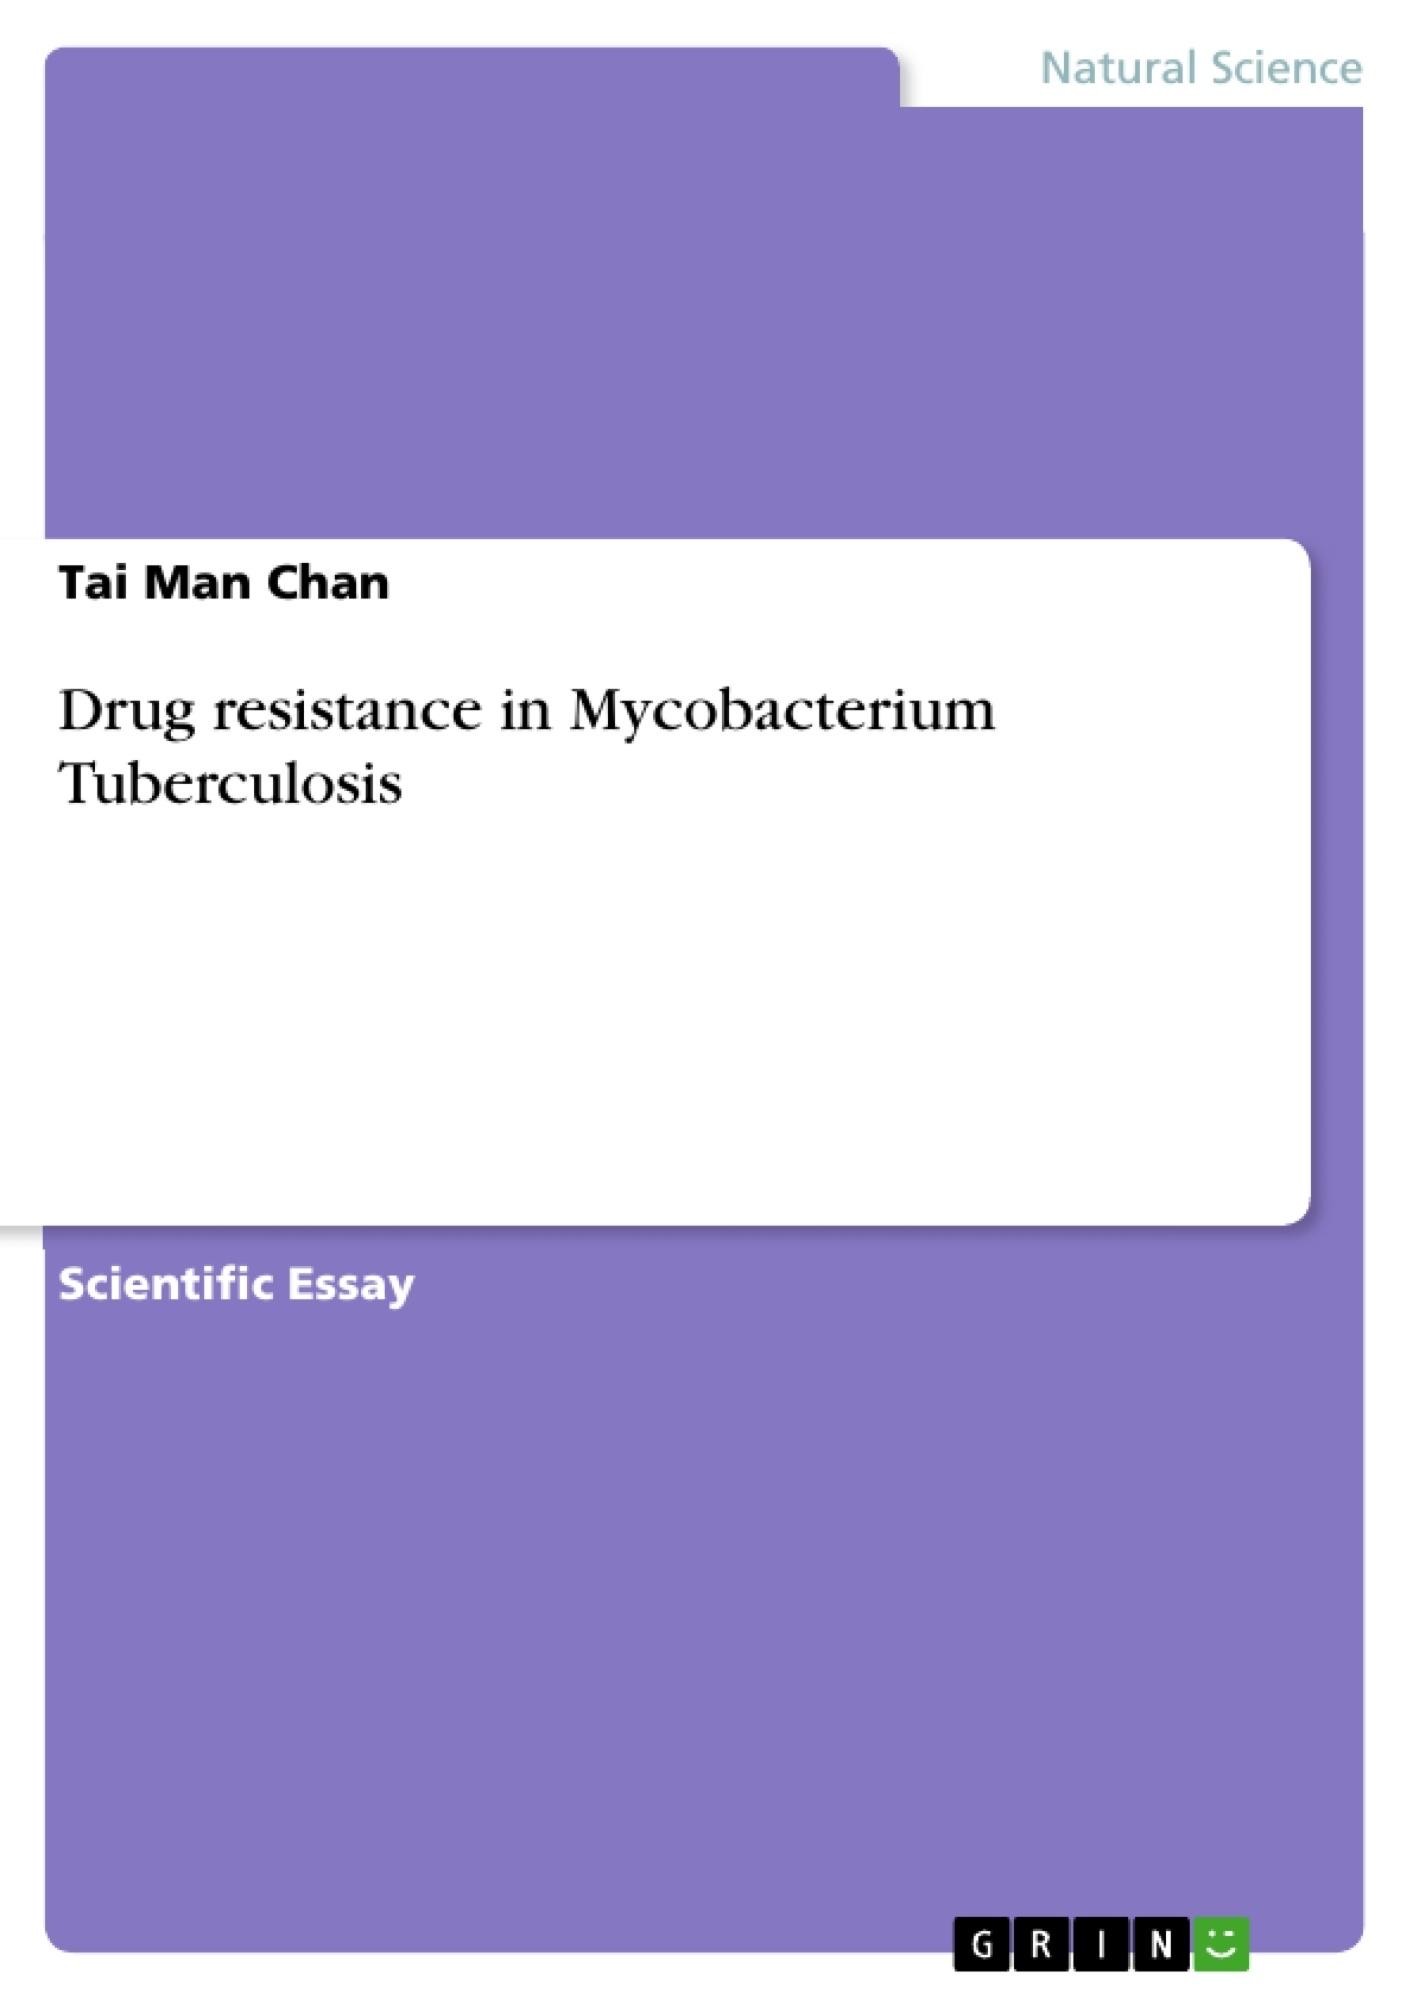 Title: Drug resistance in Mycobacterium Tuberculosis